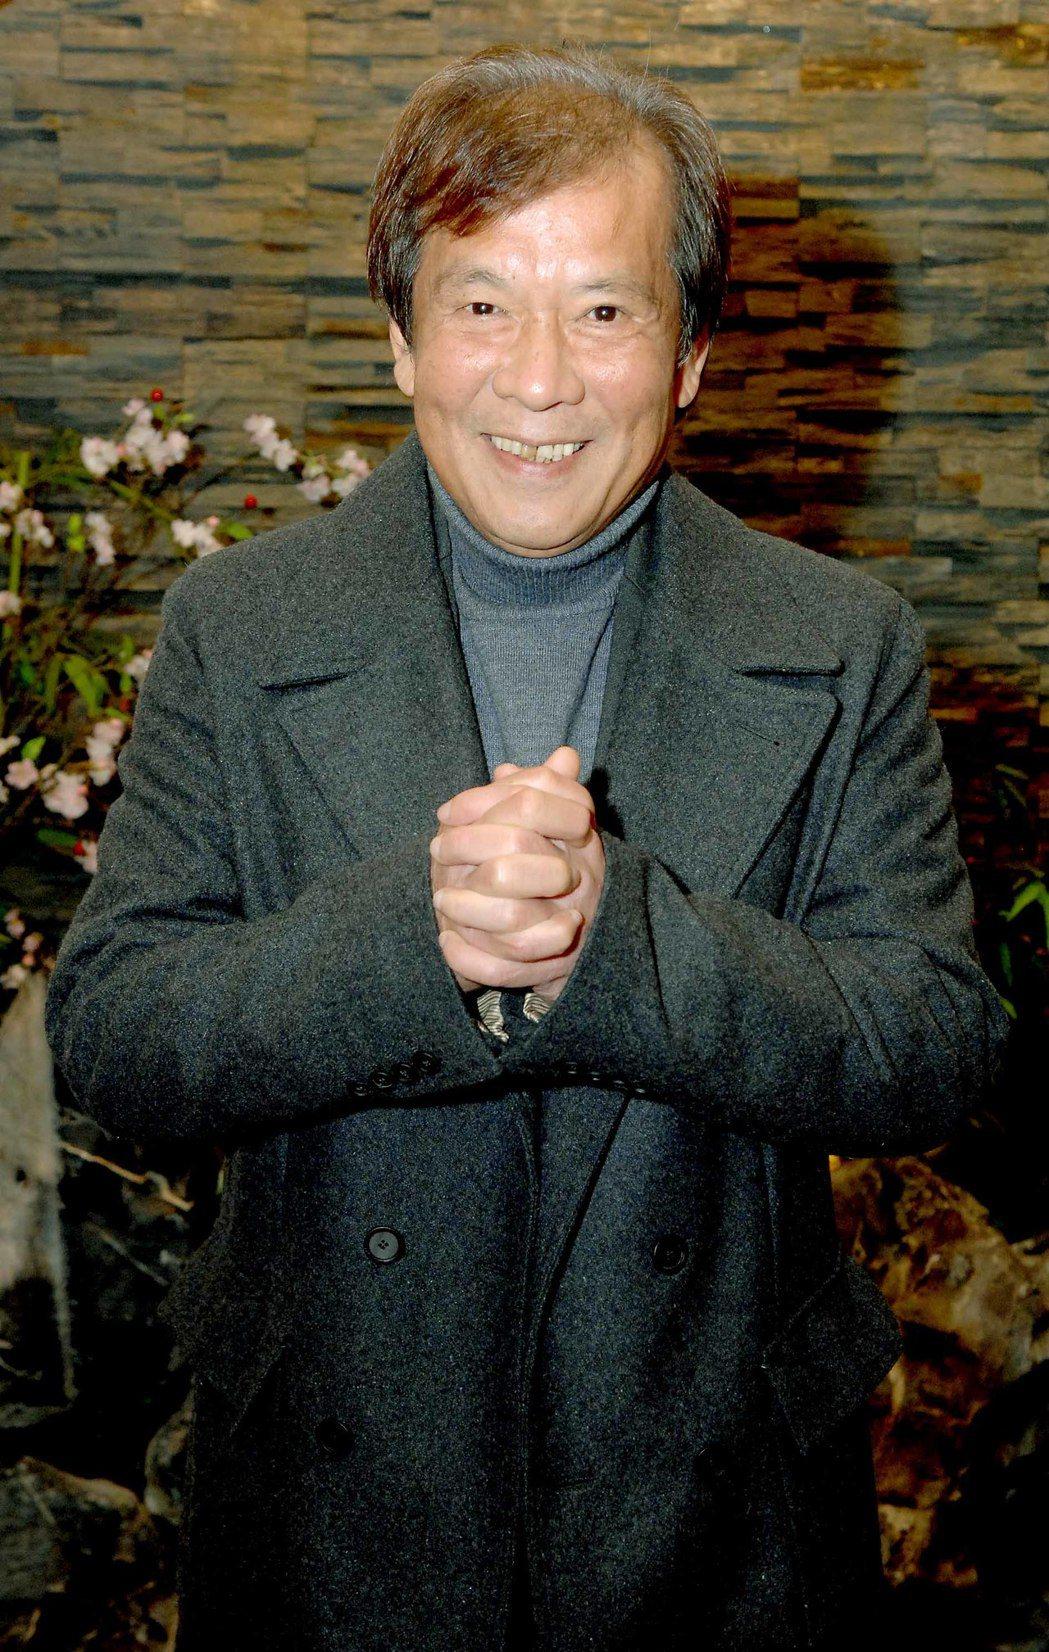 郭建宏上任華視總經理,對電視方向心中已有藍圖。圖/華視提供